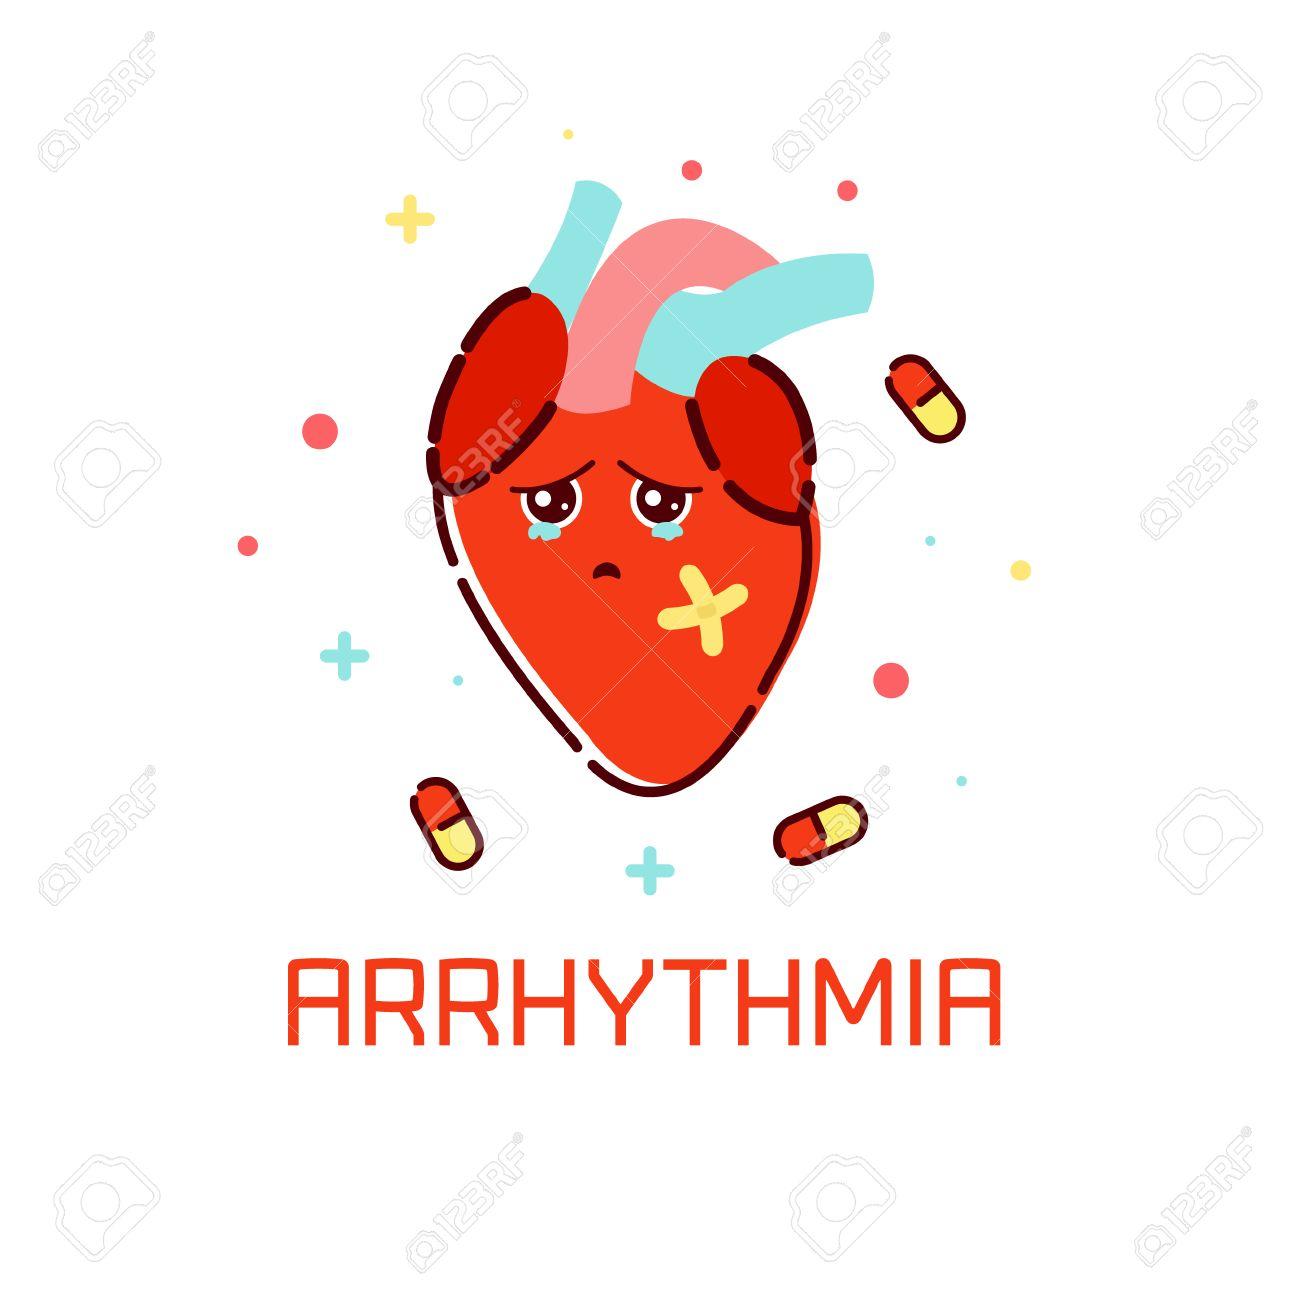 Cardiac Arrhythmia Disease Awareness Poster With Sad Cartoon ...